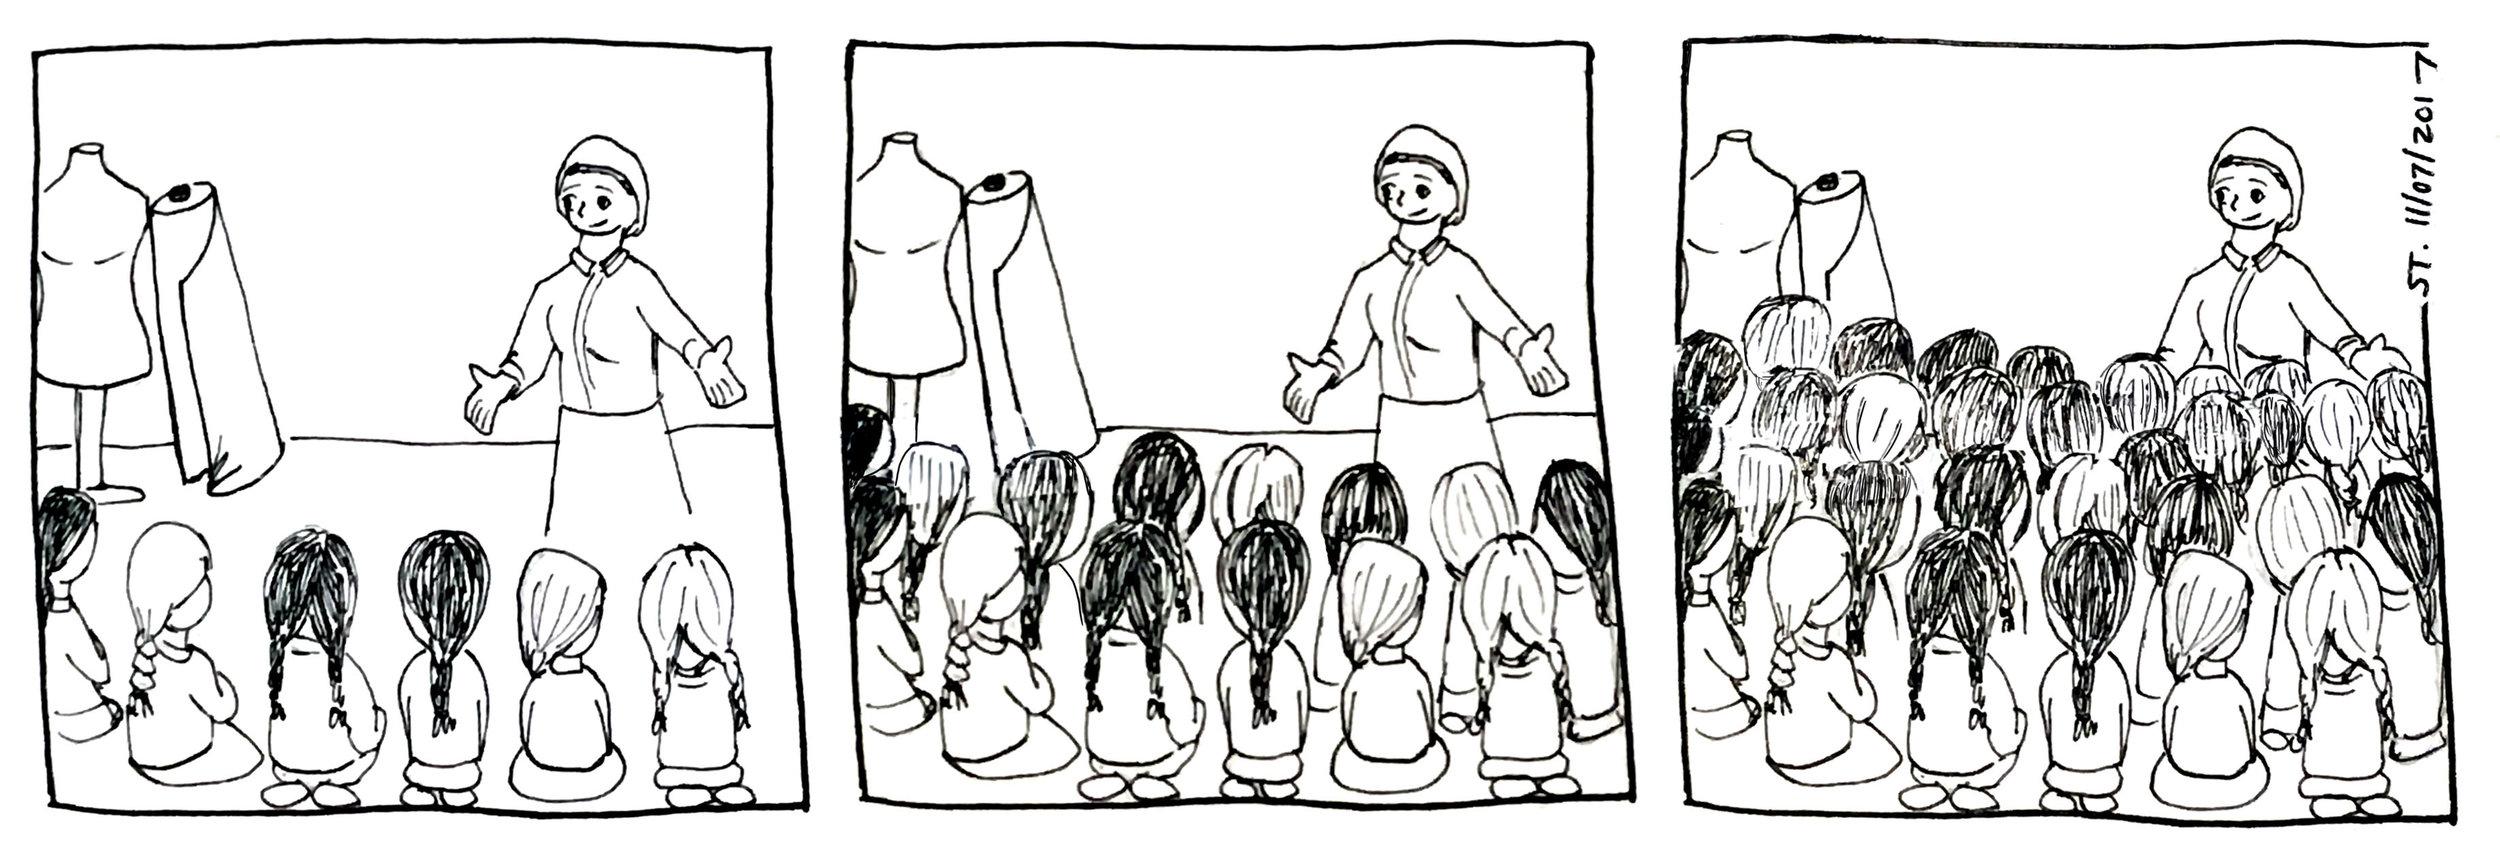 Illustration 10.jpg